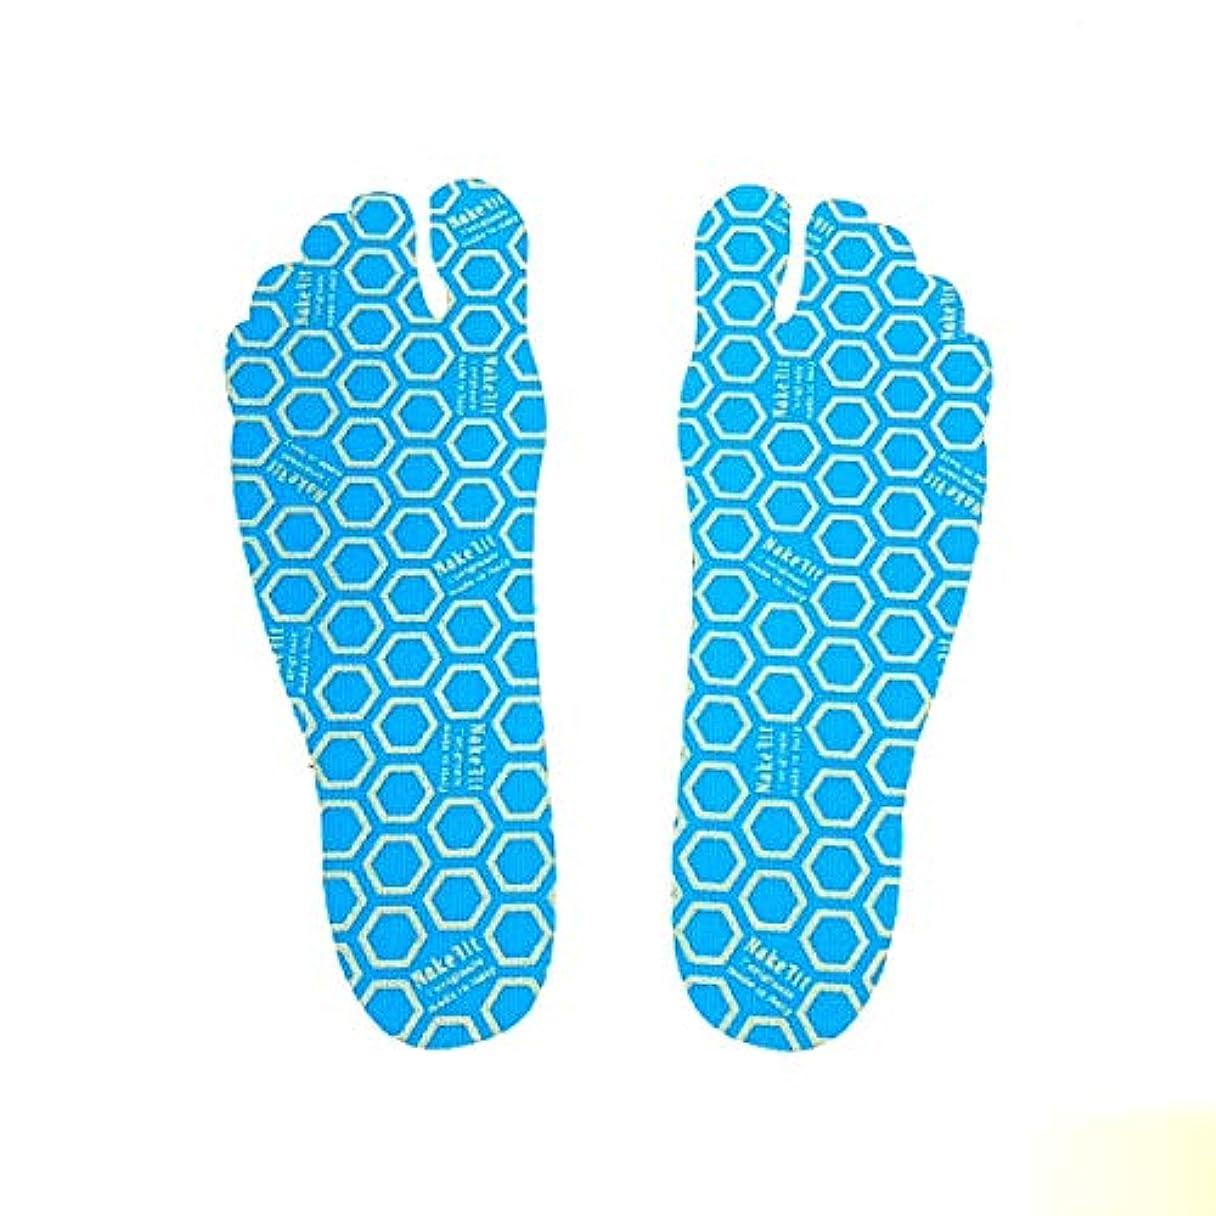 もし変形重要な役割を果たす、中心的な手段となる[NAKEFIT] ネイクフィット 足裏に貼る サンダル 裸足 貼り付け シール プール ビーチ 転倒防止 1パック3ペア入り